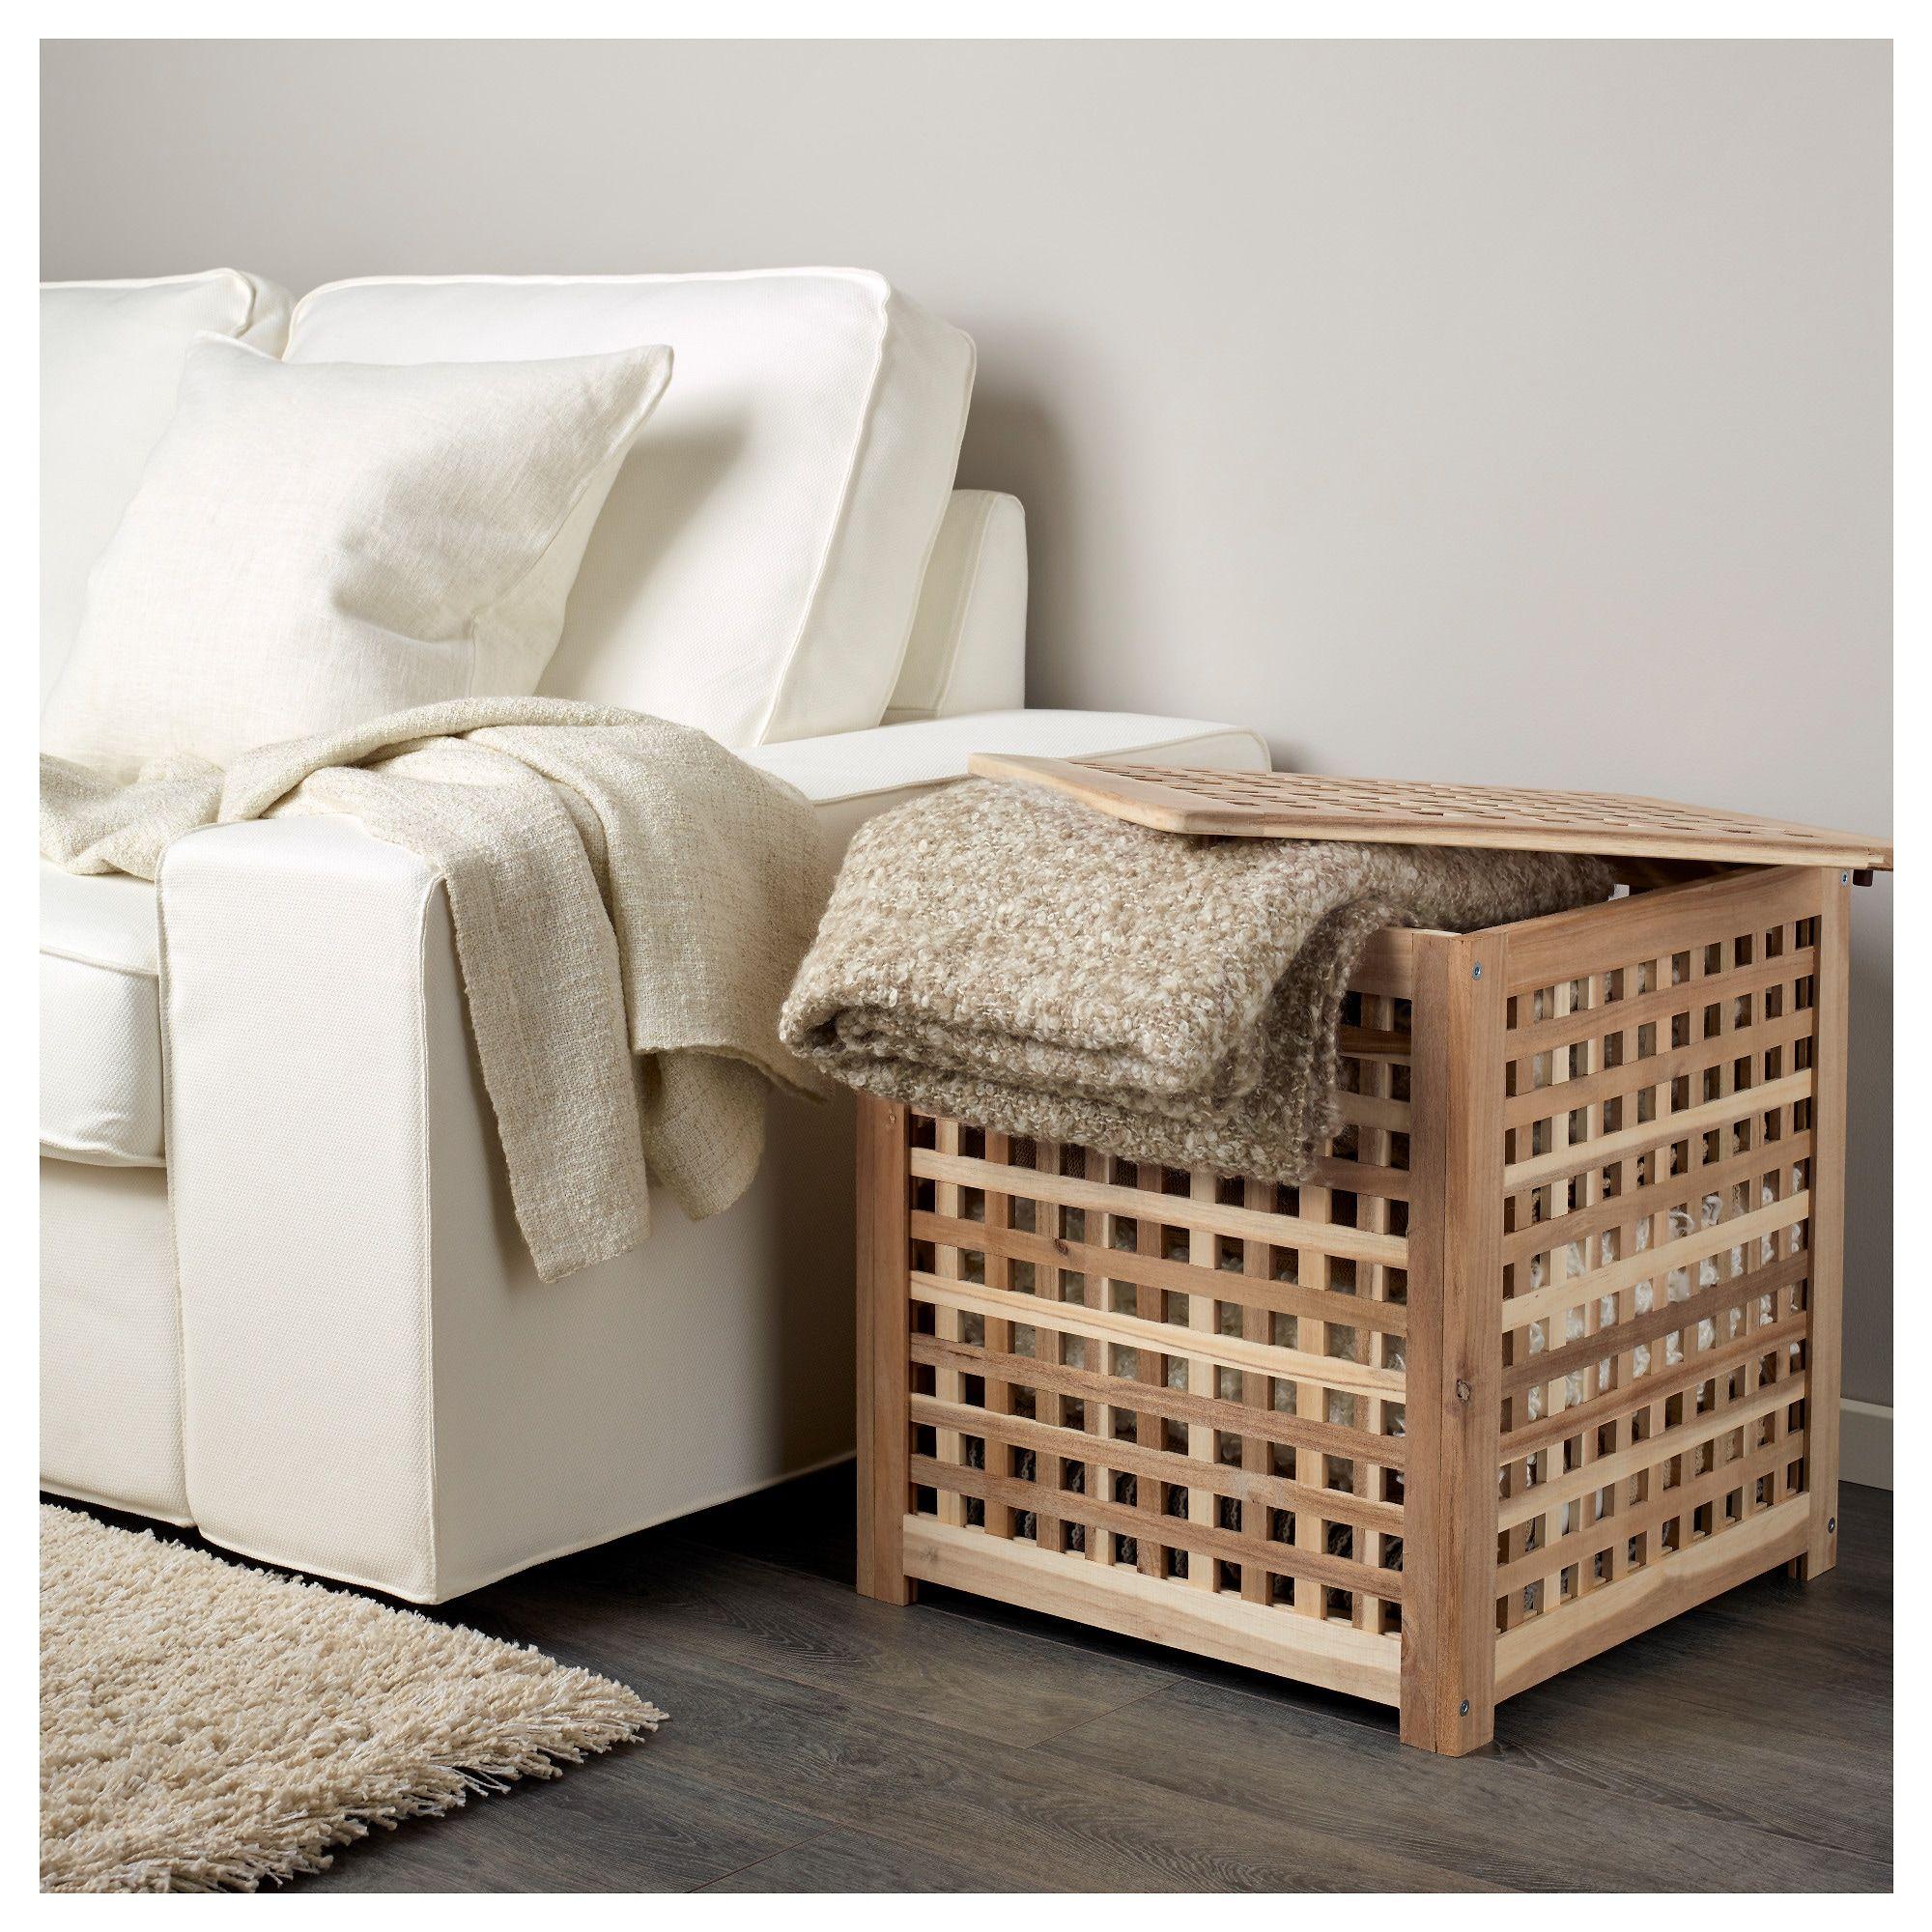 HOL acacia, Side table, 50x50 cm IKEA in 2020 Ikea